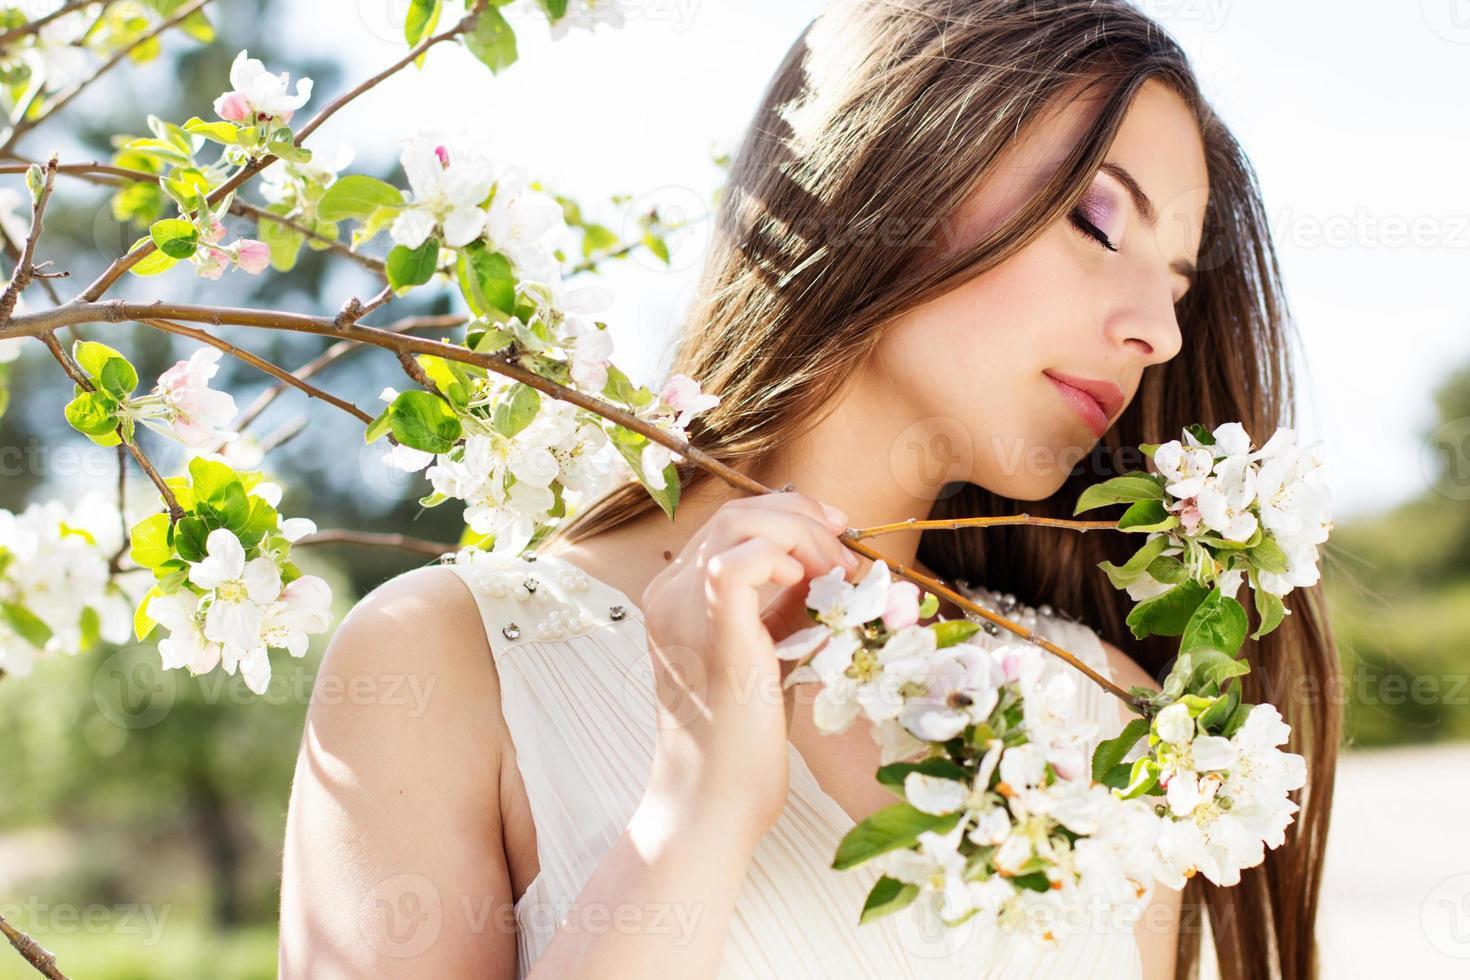 schönes Mädchen in einem Kirschblütengarten foto